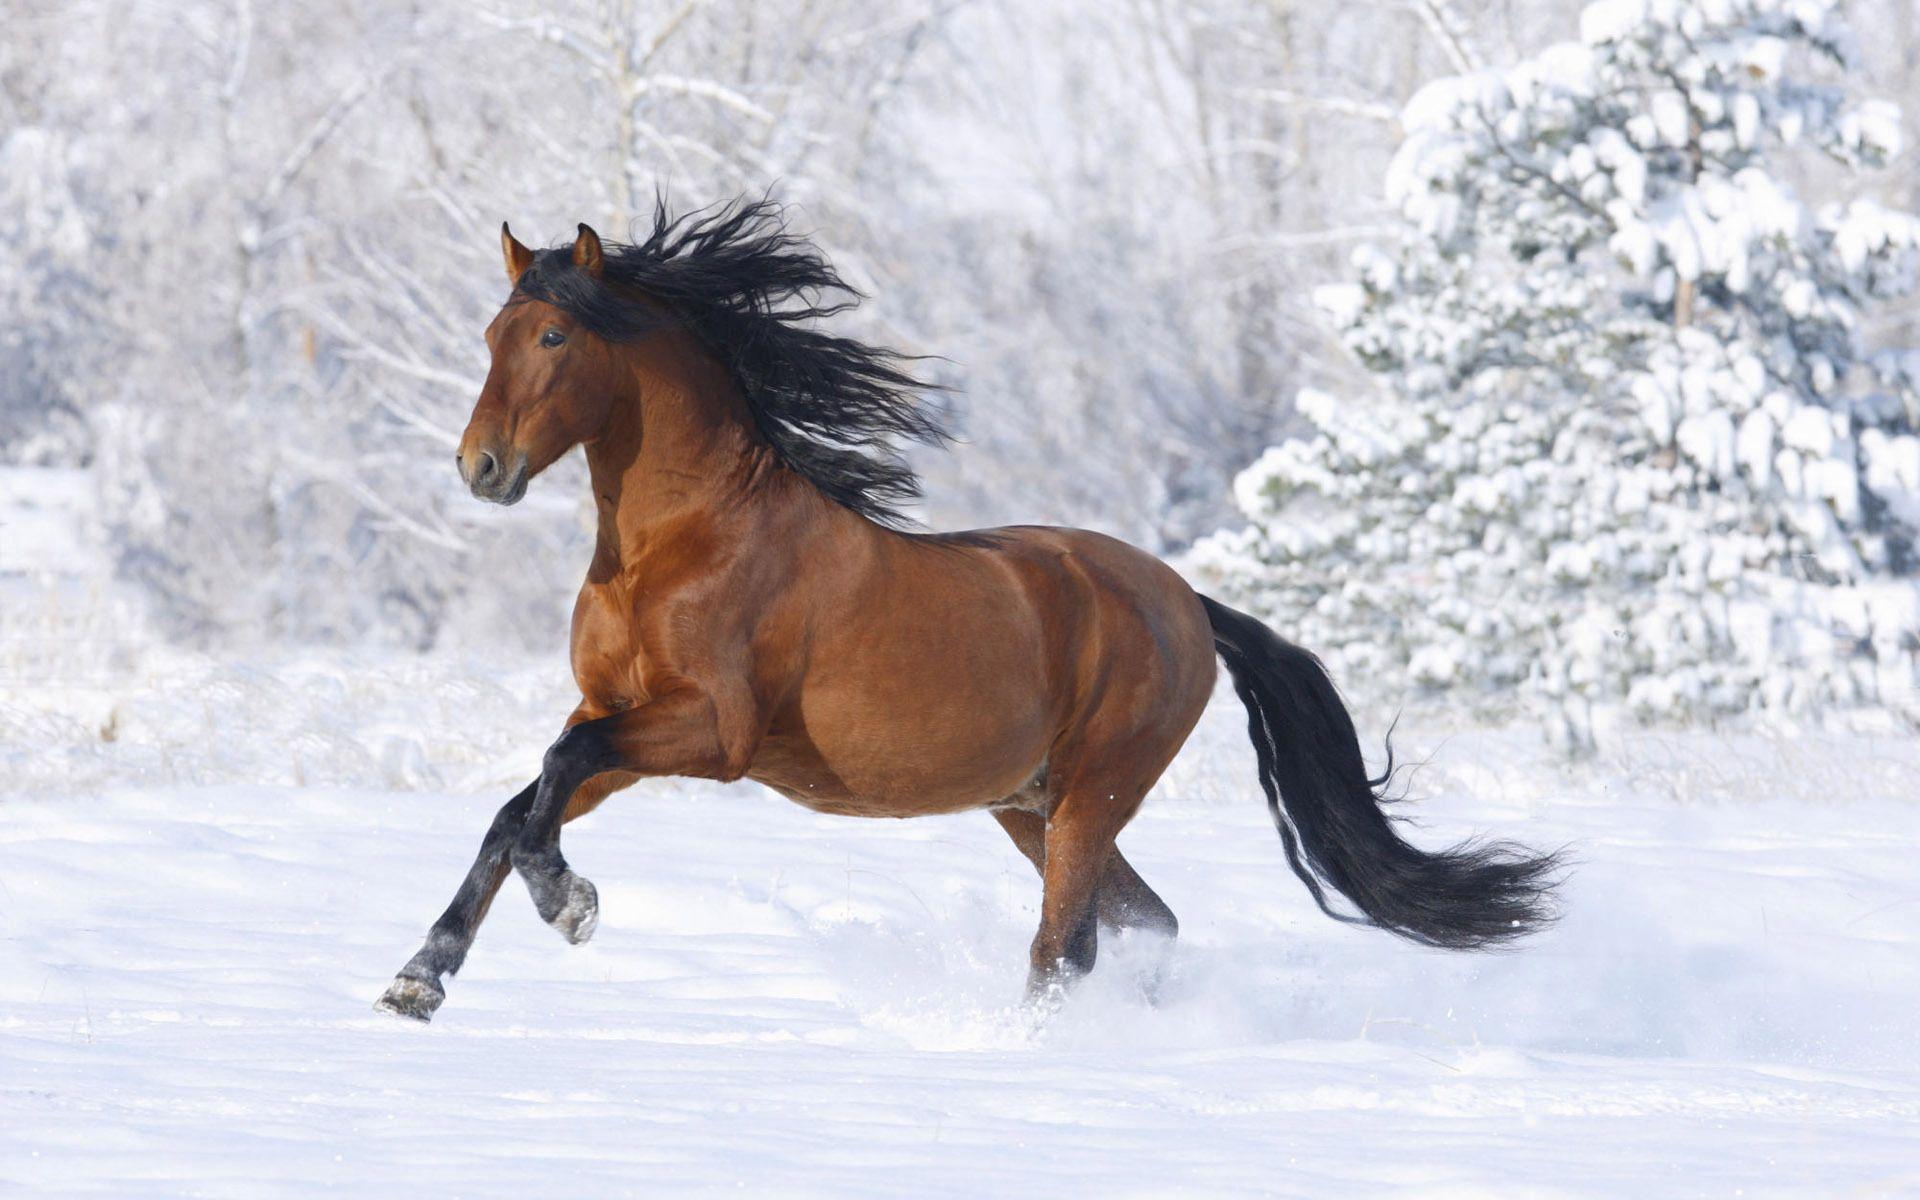 Winter Horse Wallpaper Winter★ Pinterest